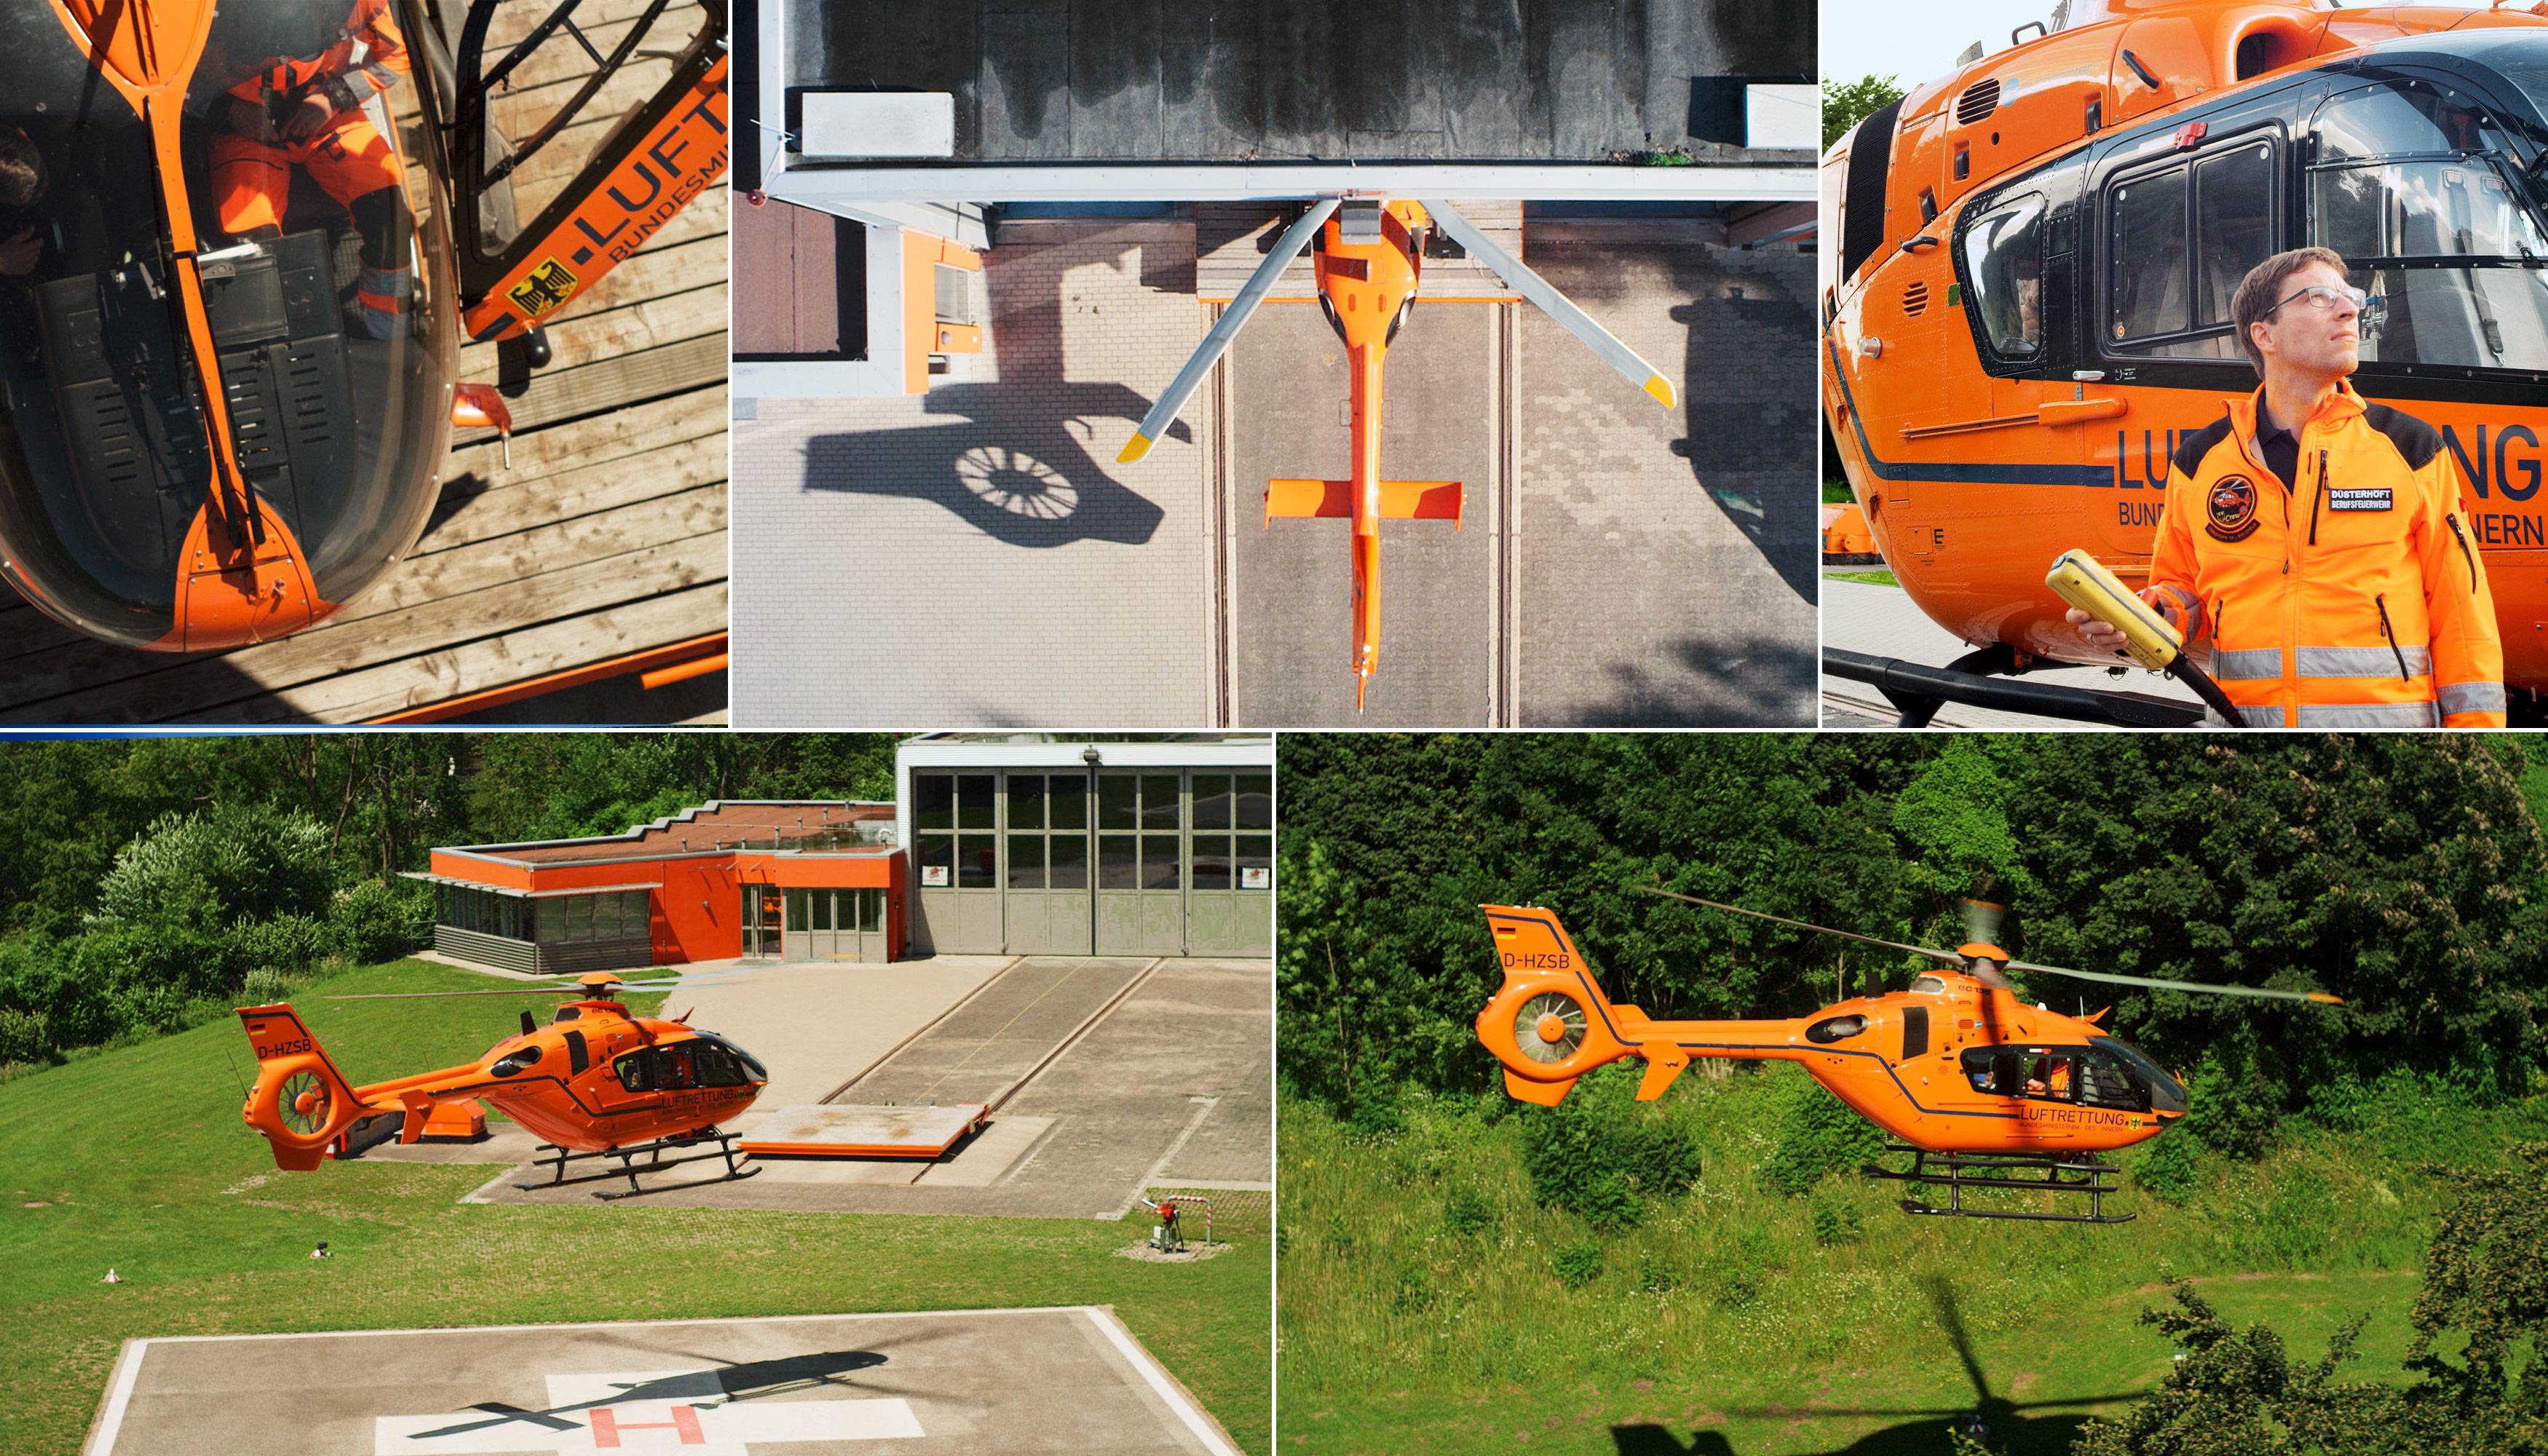 Christoph 13, Luftrettung, Feuerwehramt, Bielefeld, Bundespolizei, Making Of, Air2Air